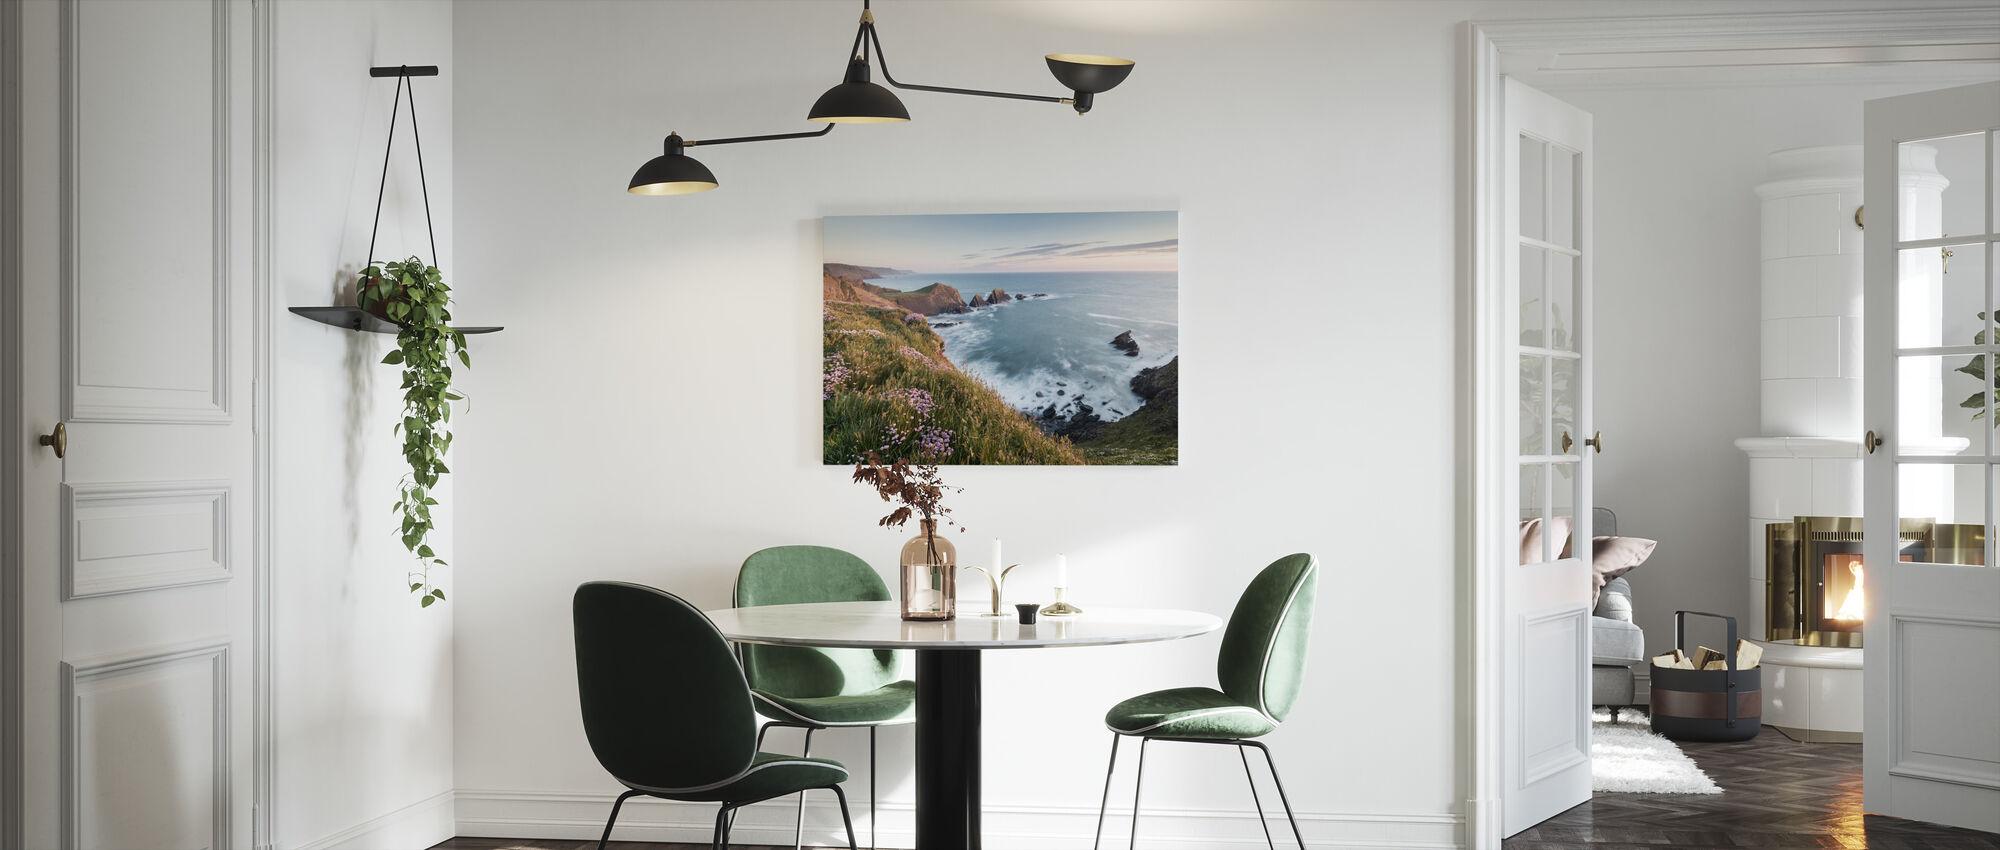 Wild View - Canvas print - Kitchen